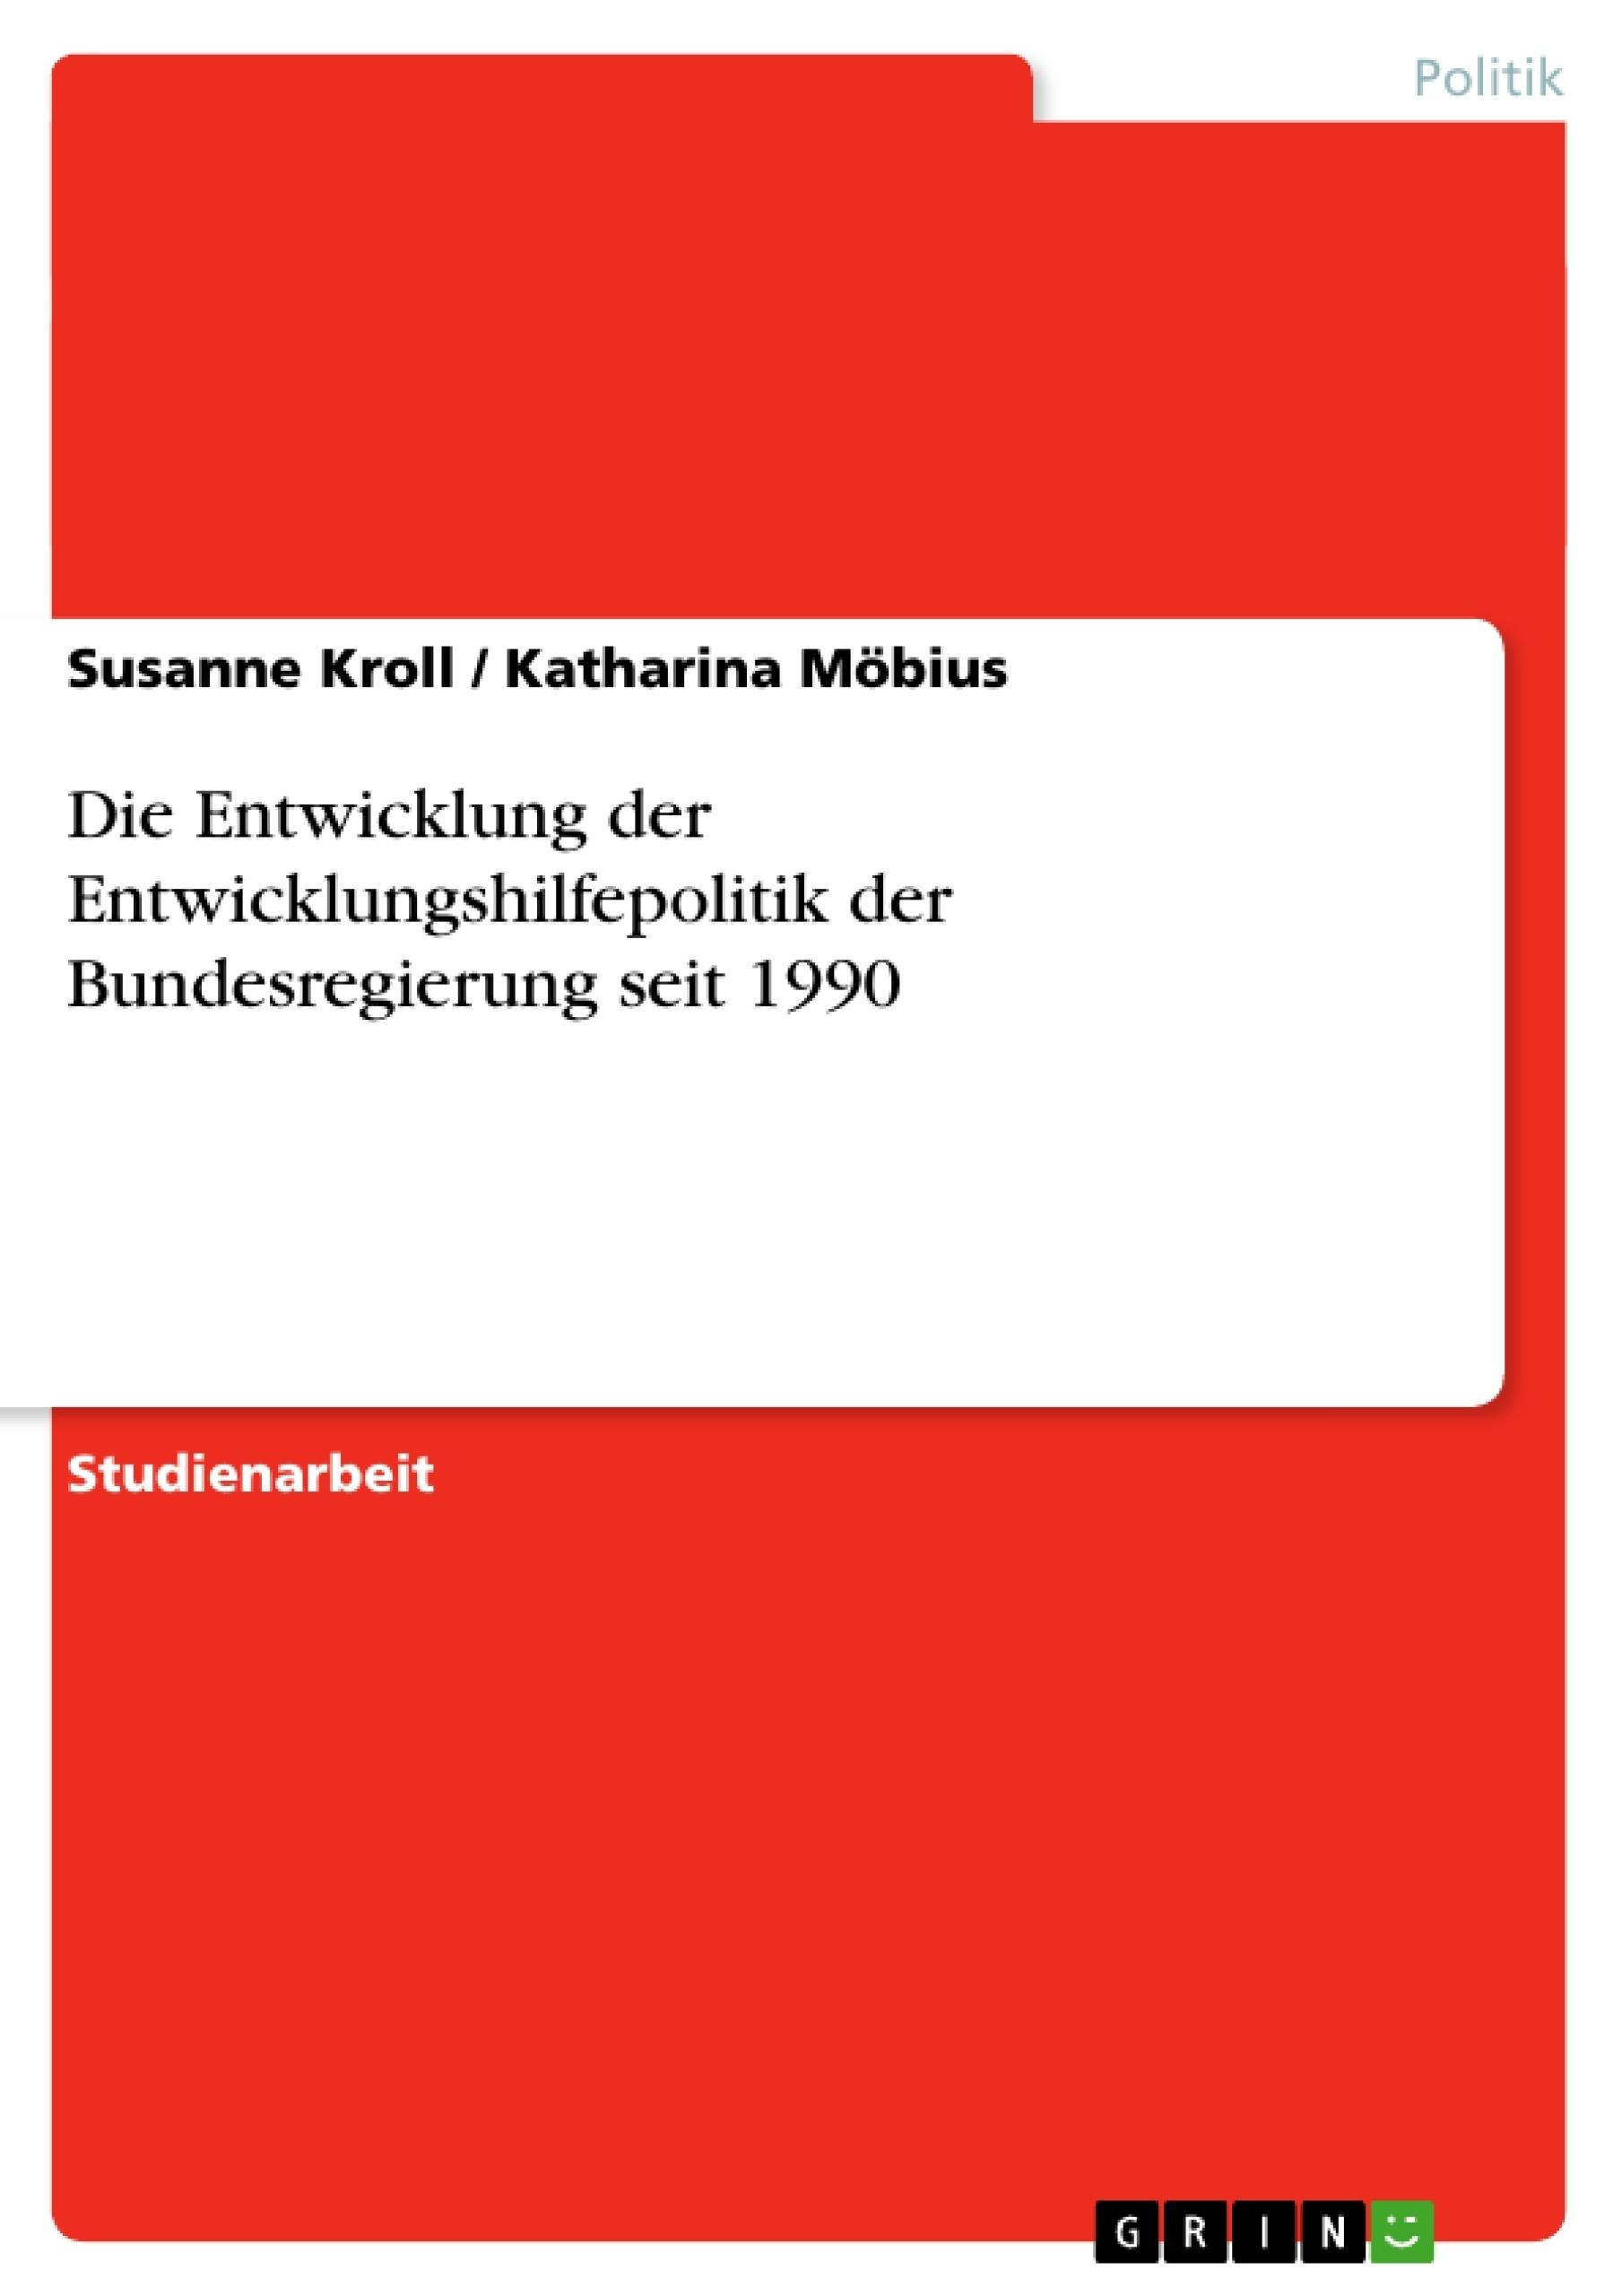 Titel: Die Entwicklung der Entwicklungshilfepolitik der Bundesregierung seit 1990